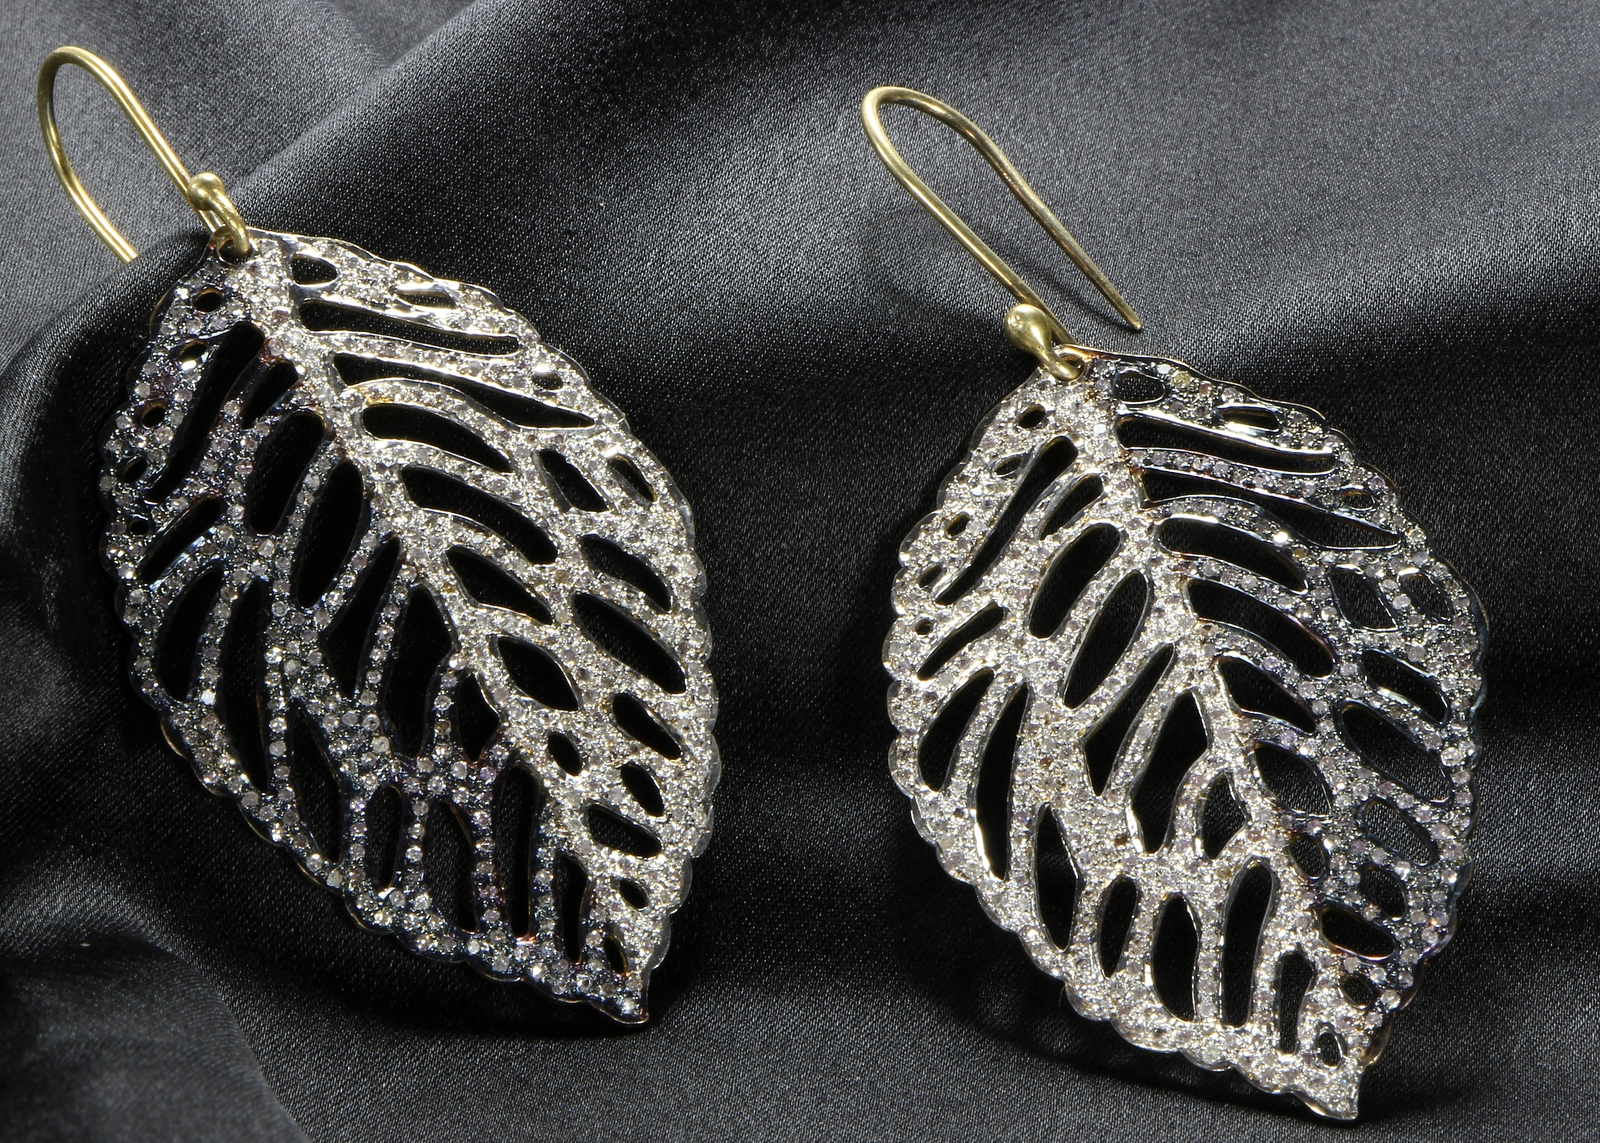 Women Oxidized Dangling Hook Leaf Earrings .925SterlingSilver with Pave Diamonds